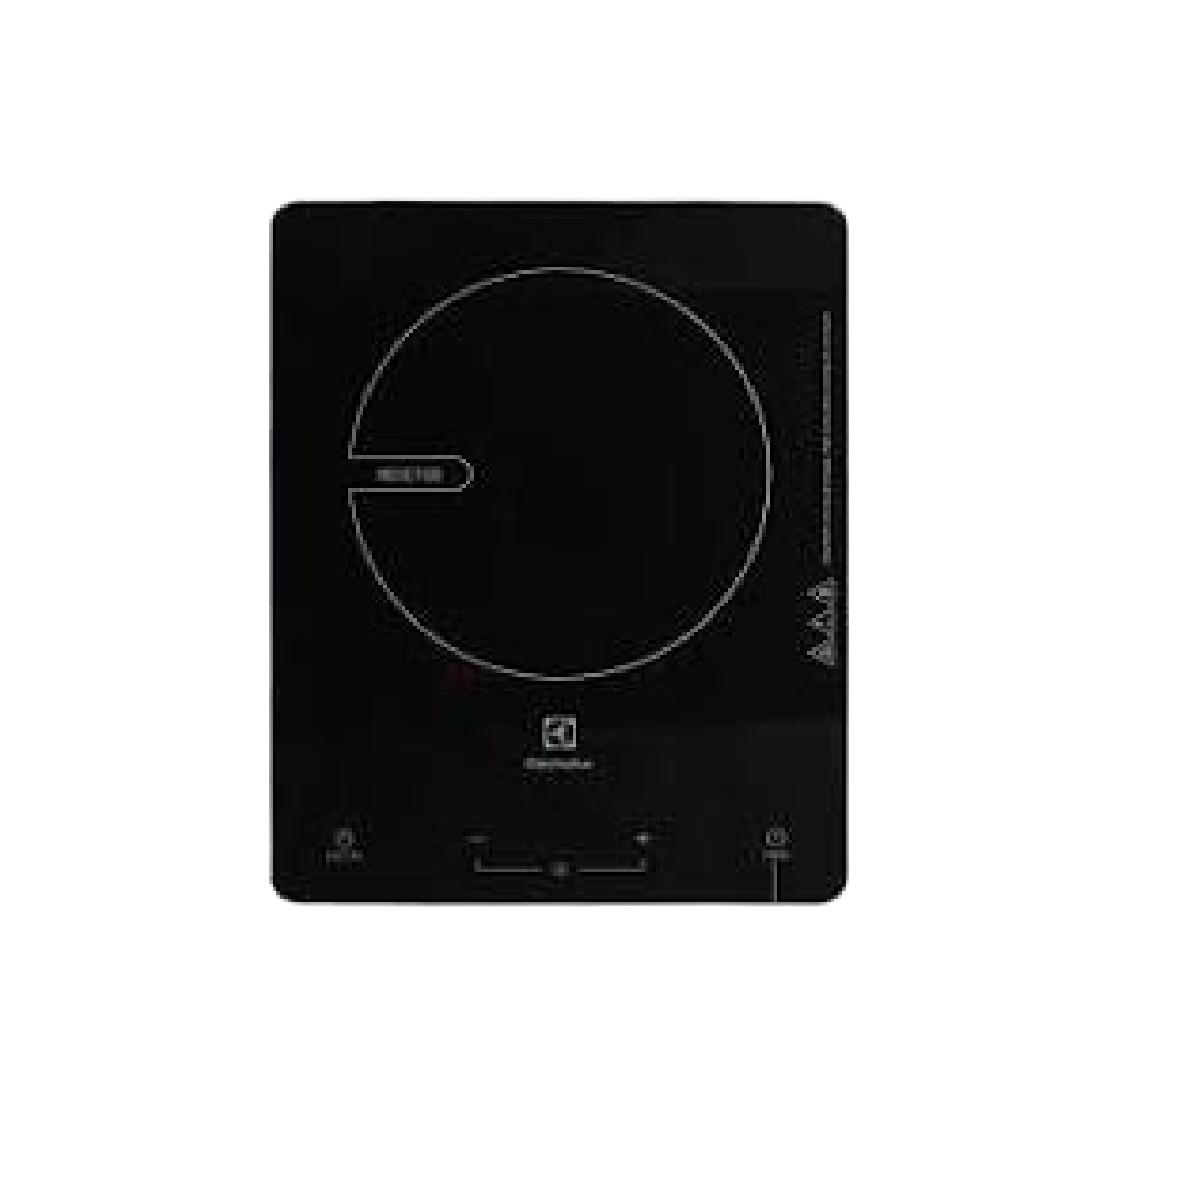 Bếp Điện Từ Electrolux ETD29KC Giá Sốc Nên Mua